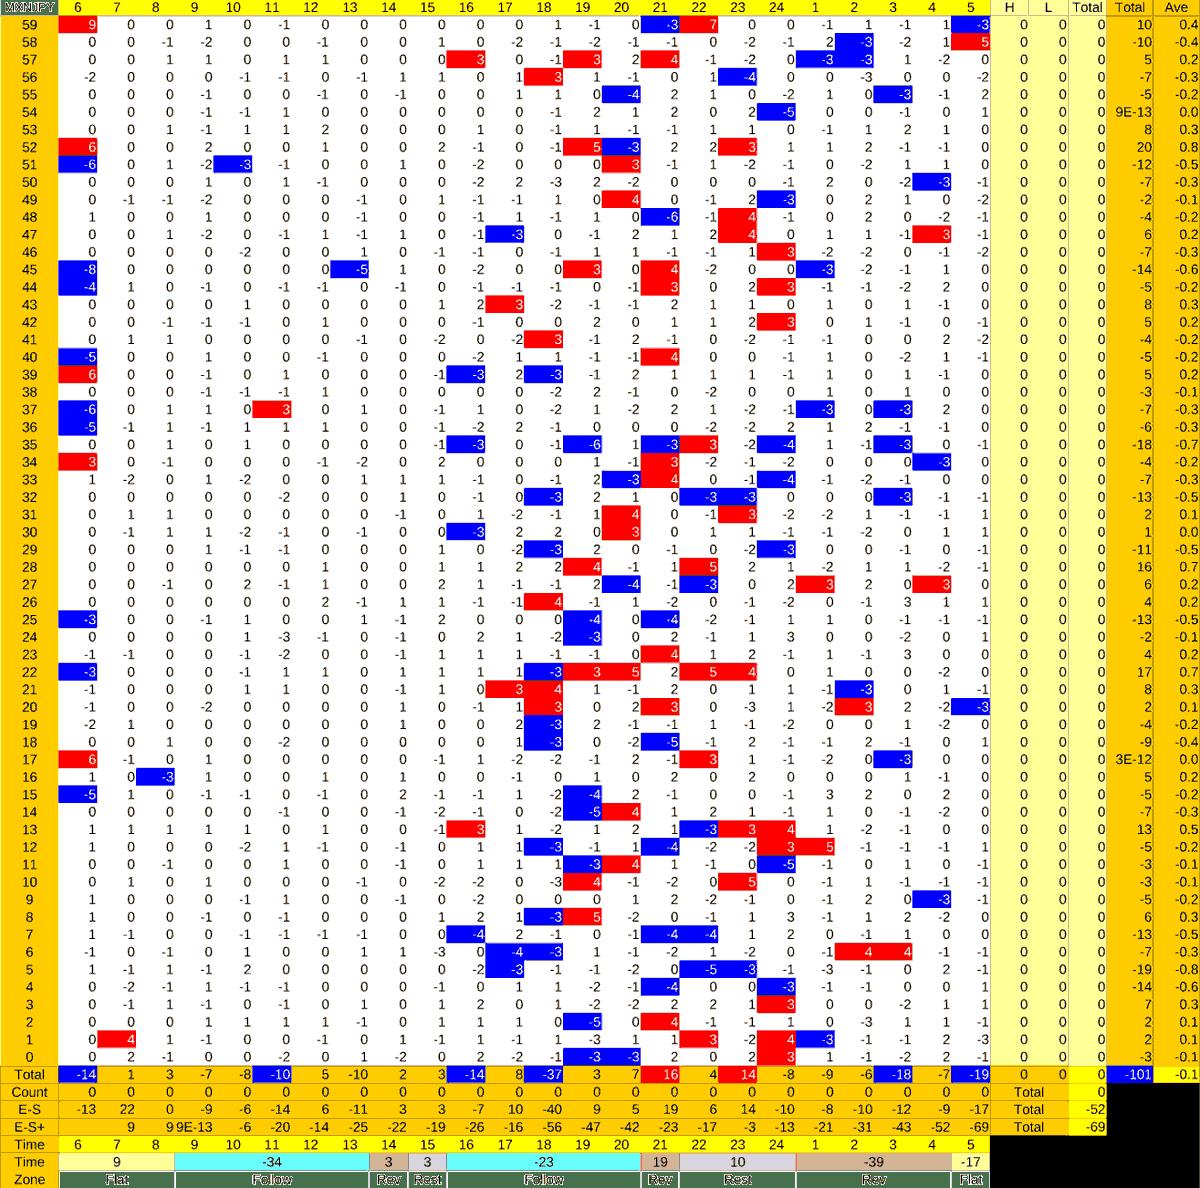 20210323_HS(3)MXNJPY-min